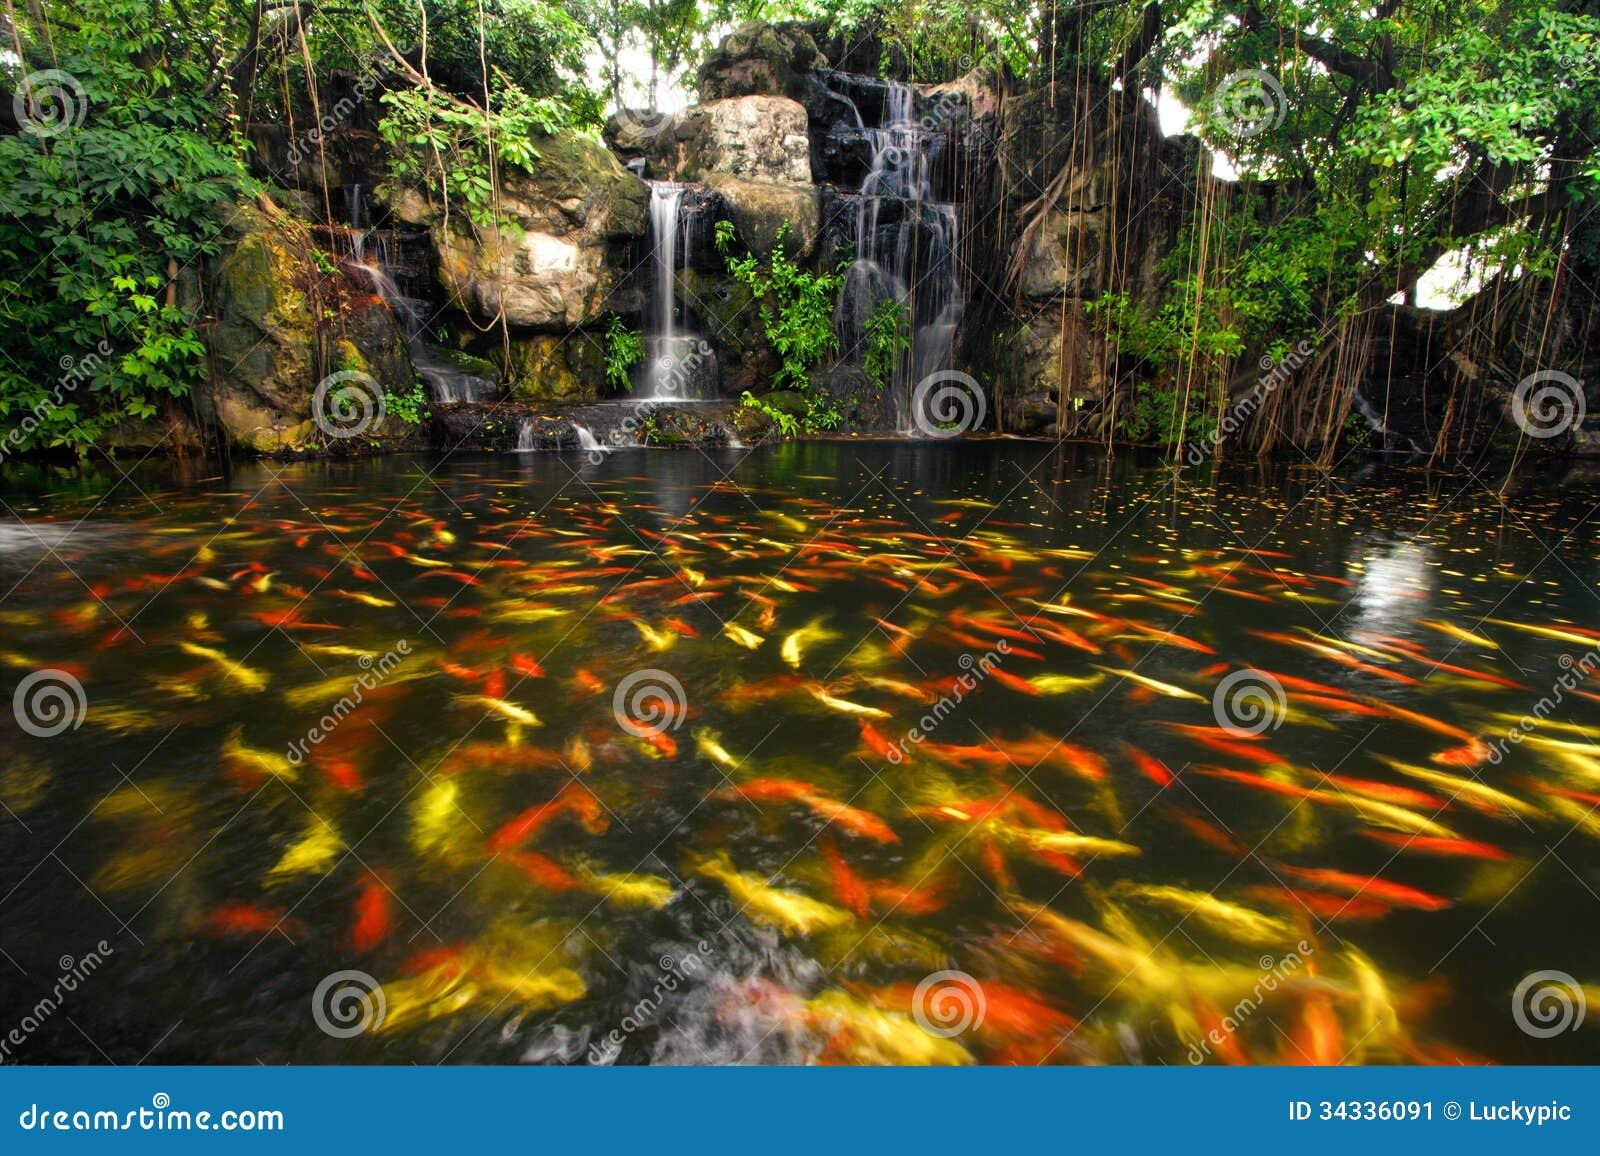 Pesce di koi in stagno al giardino immagine stock for Stagno giardino